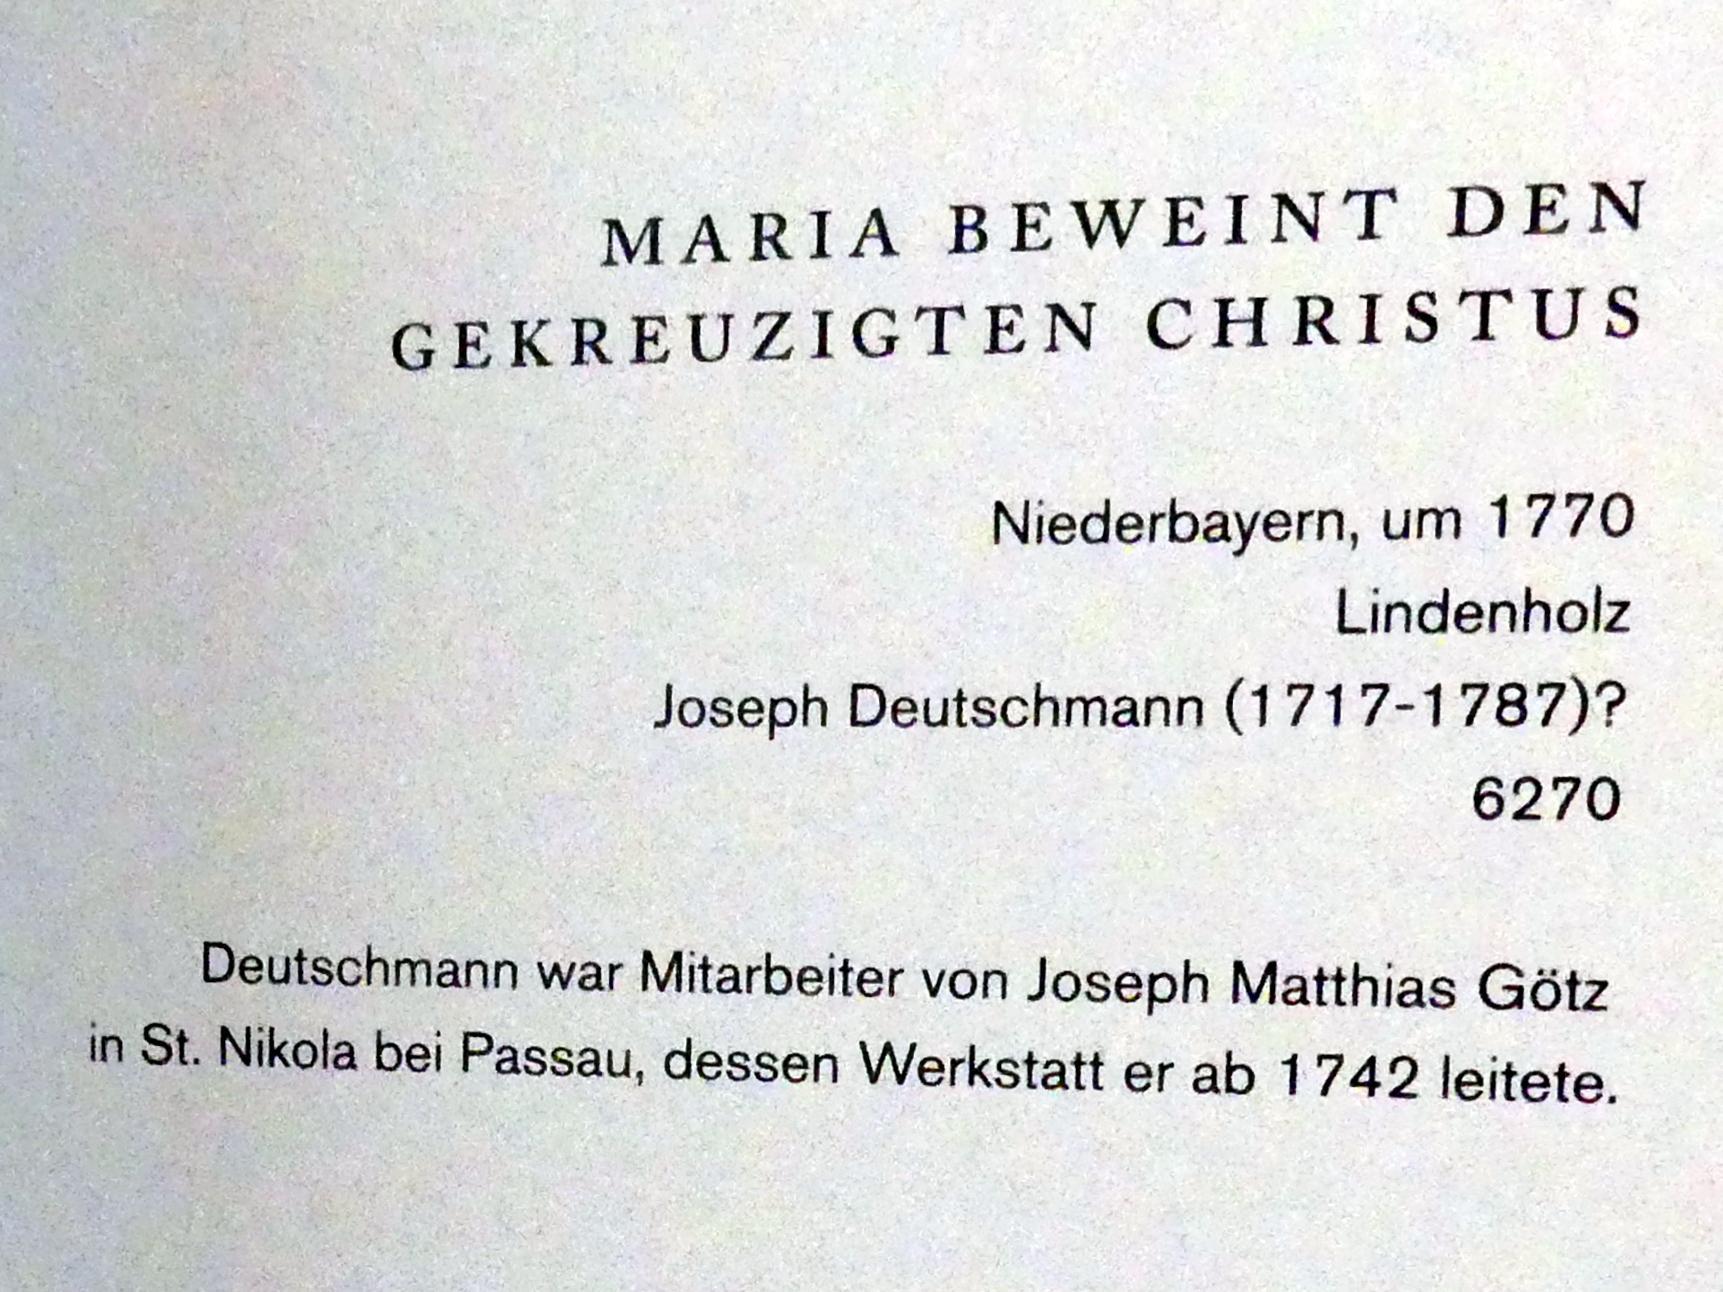 Joseph Deutschmann: Maria beweint den gekreuzigten Christus, um 1770, Bild 2/2